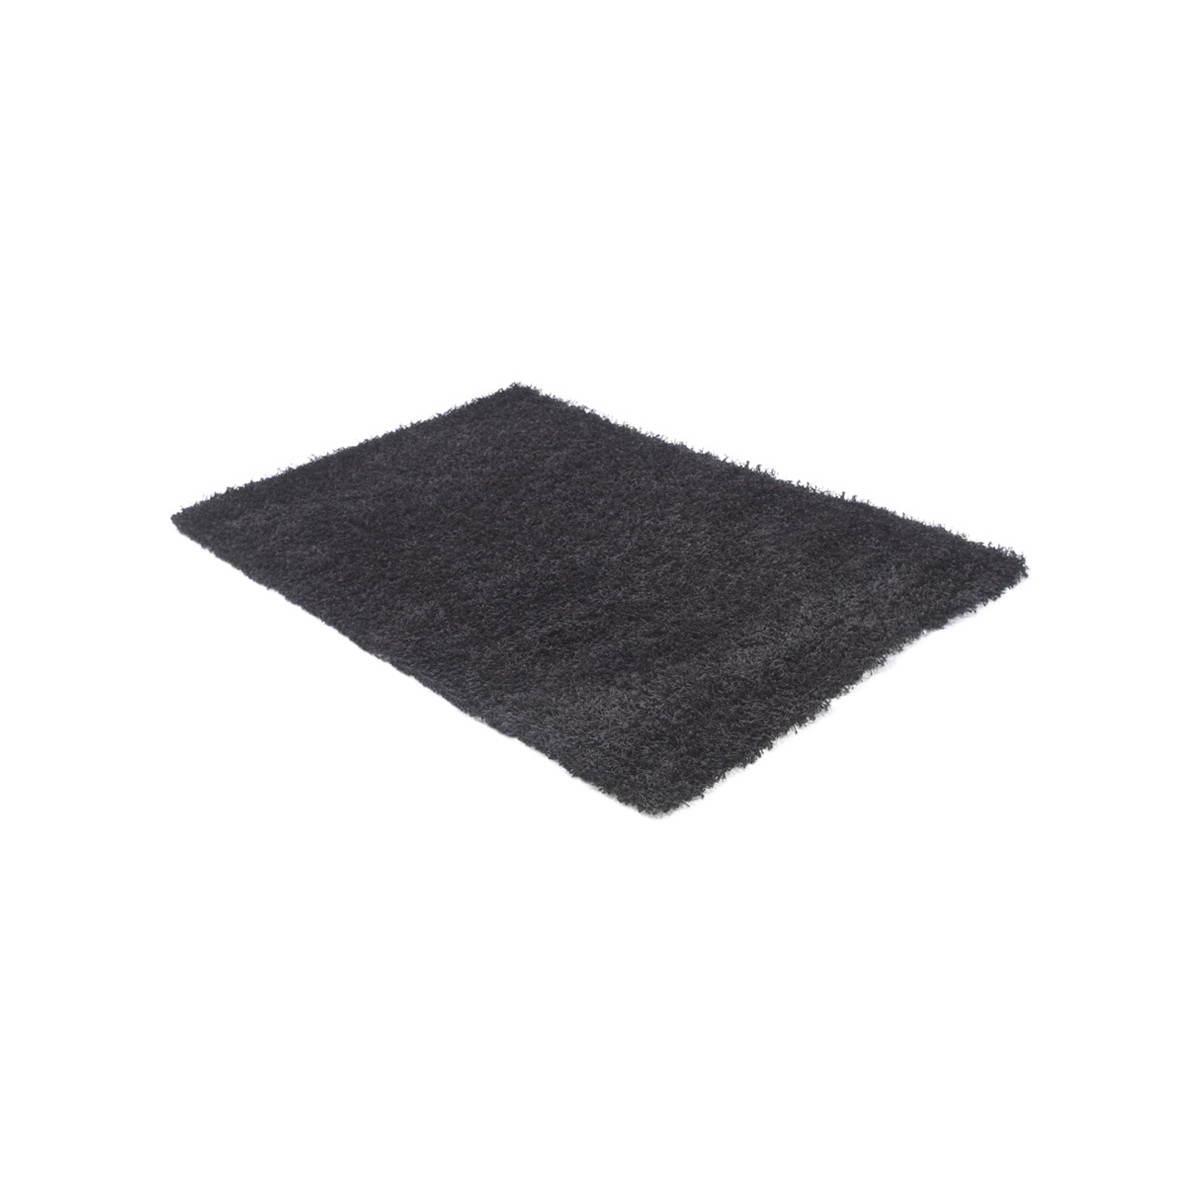 tapis contemporain et design mike rectangulaire grand modele 330 x 240 noir amp story 3493